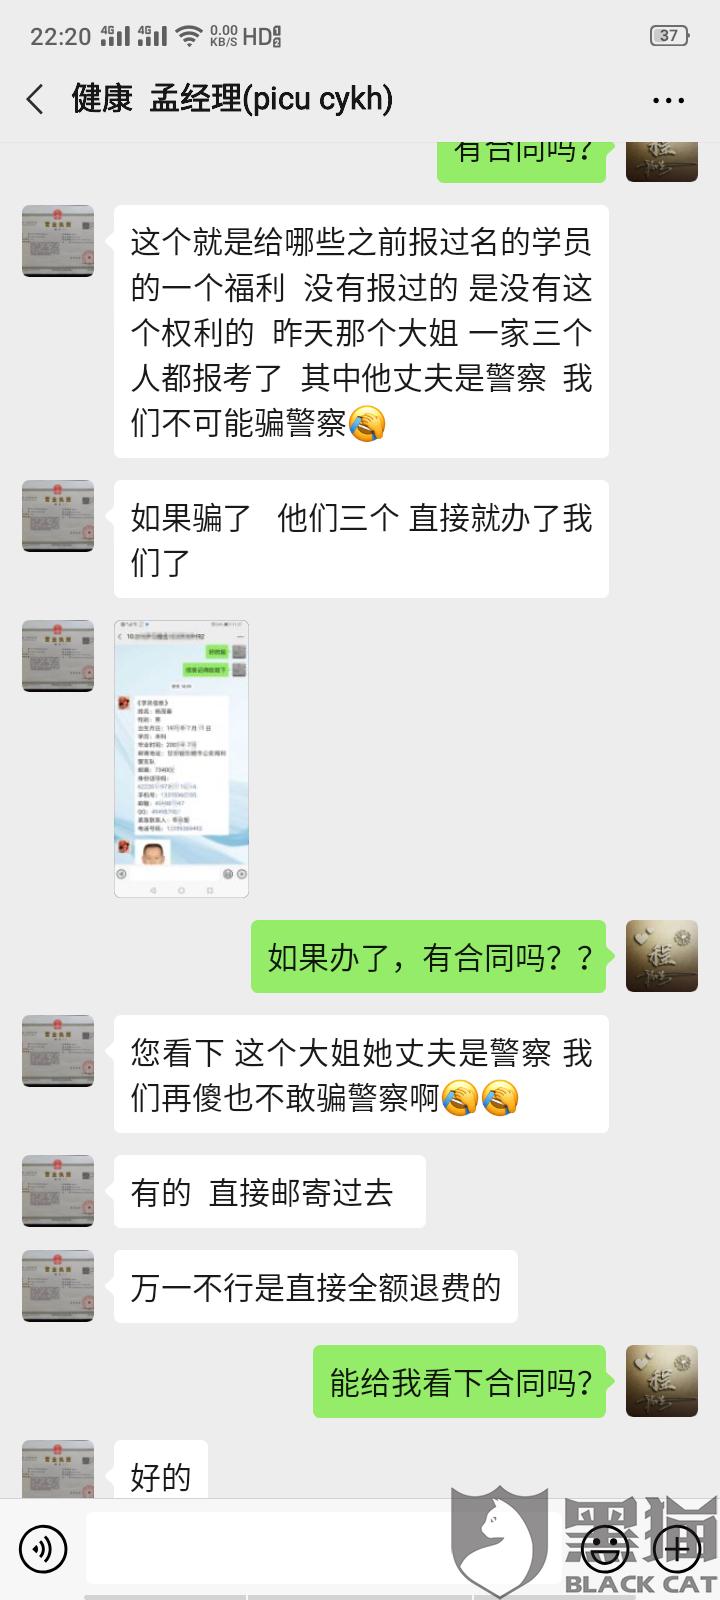 黑猫投诉:北京派尔德公司,虚假宣传,涉嫌欺诈